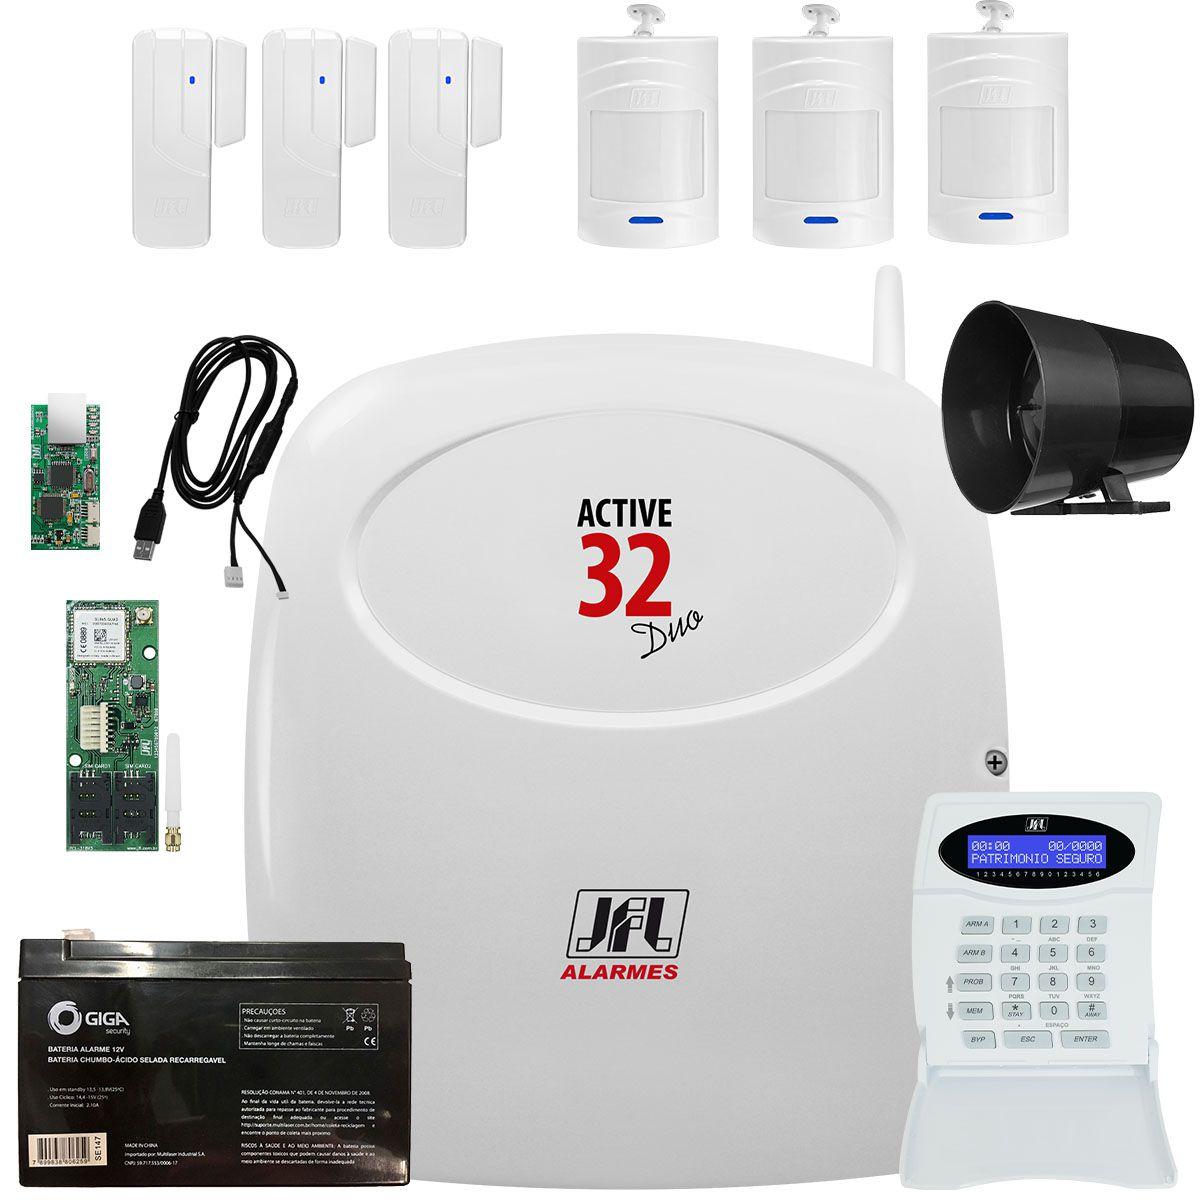 Kit Alarme Jfl Active 32 Duo com Sensores e Teclado Sem Fio